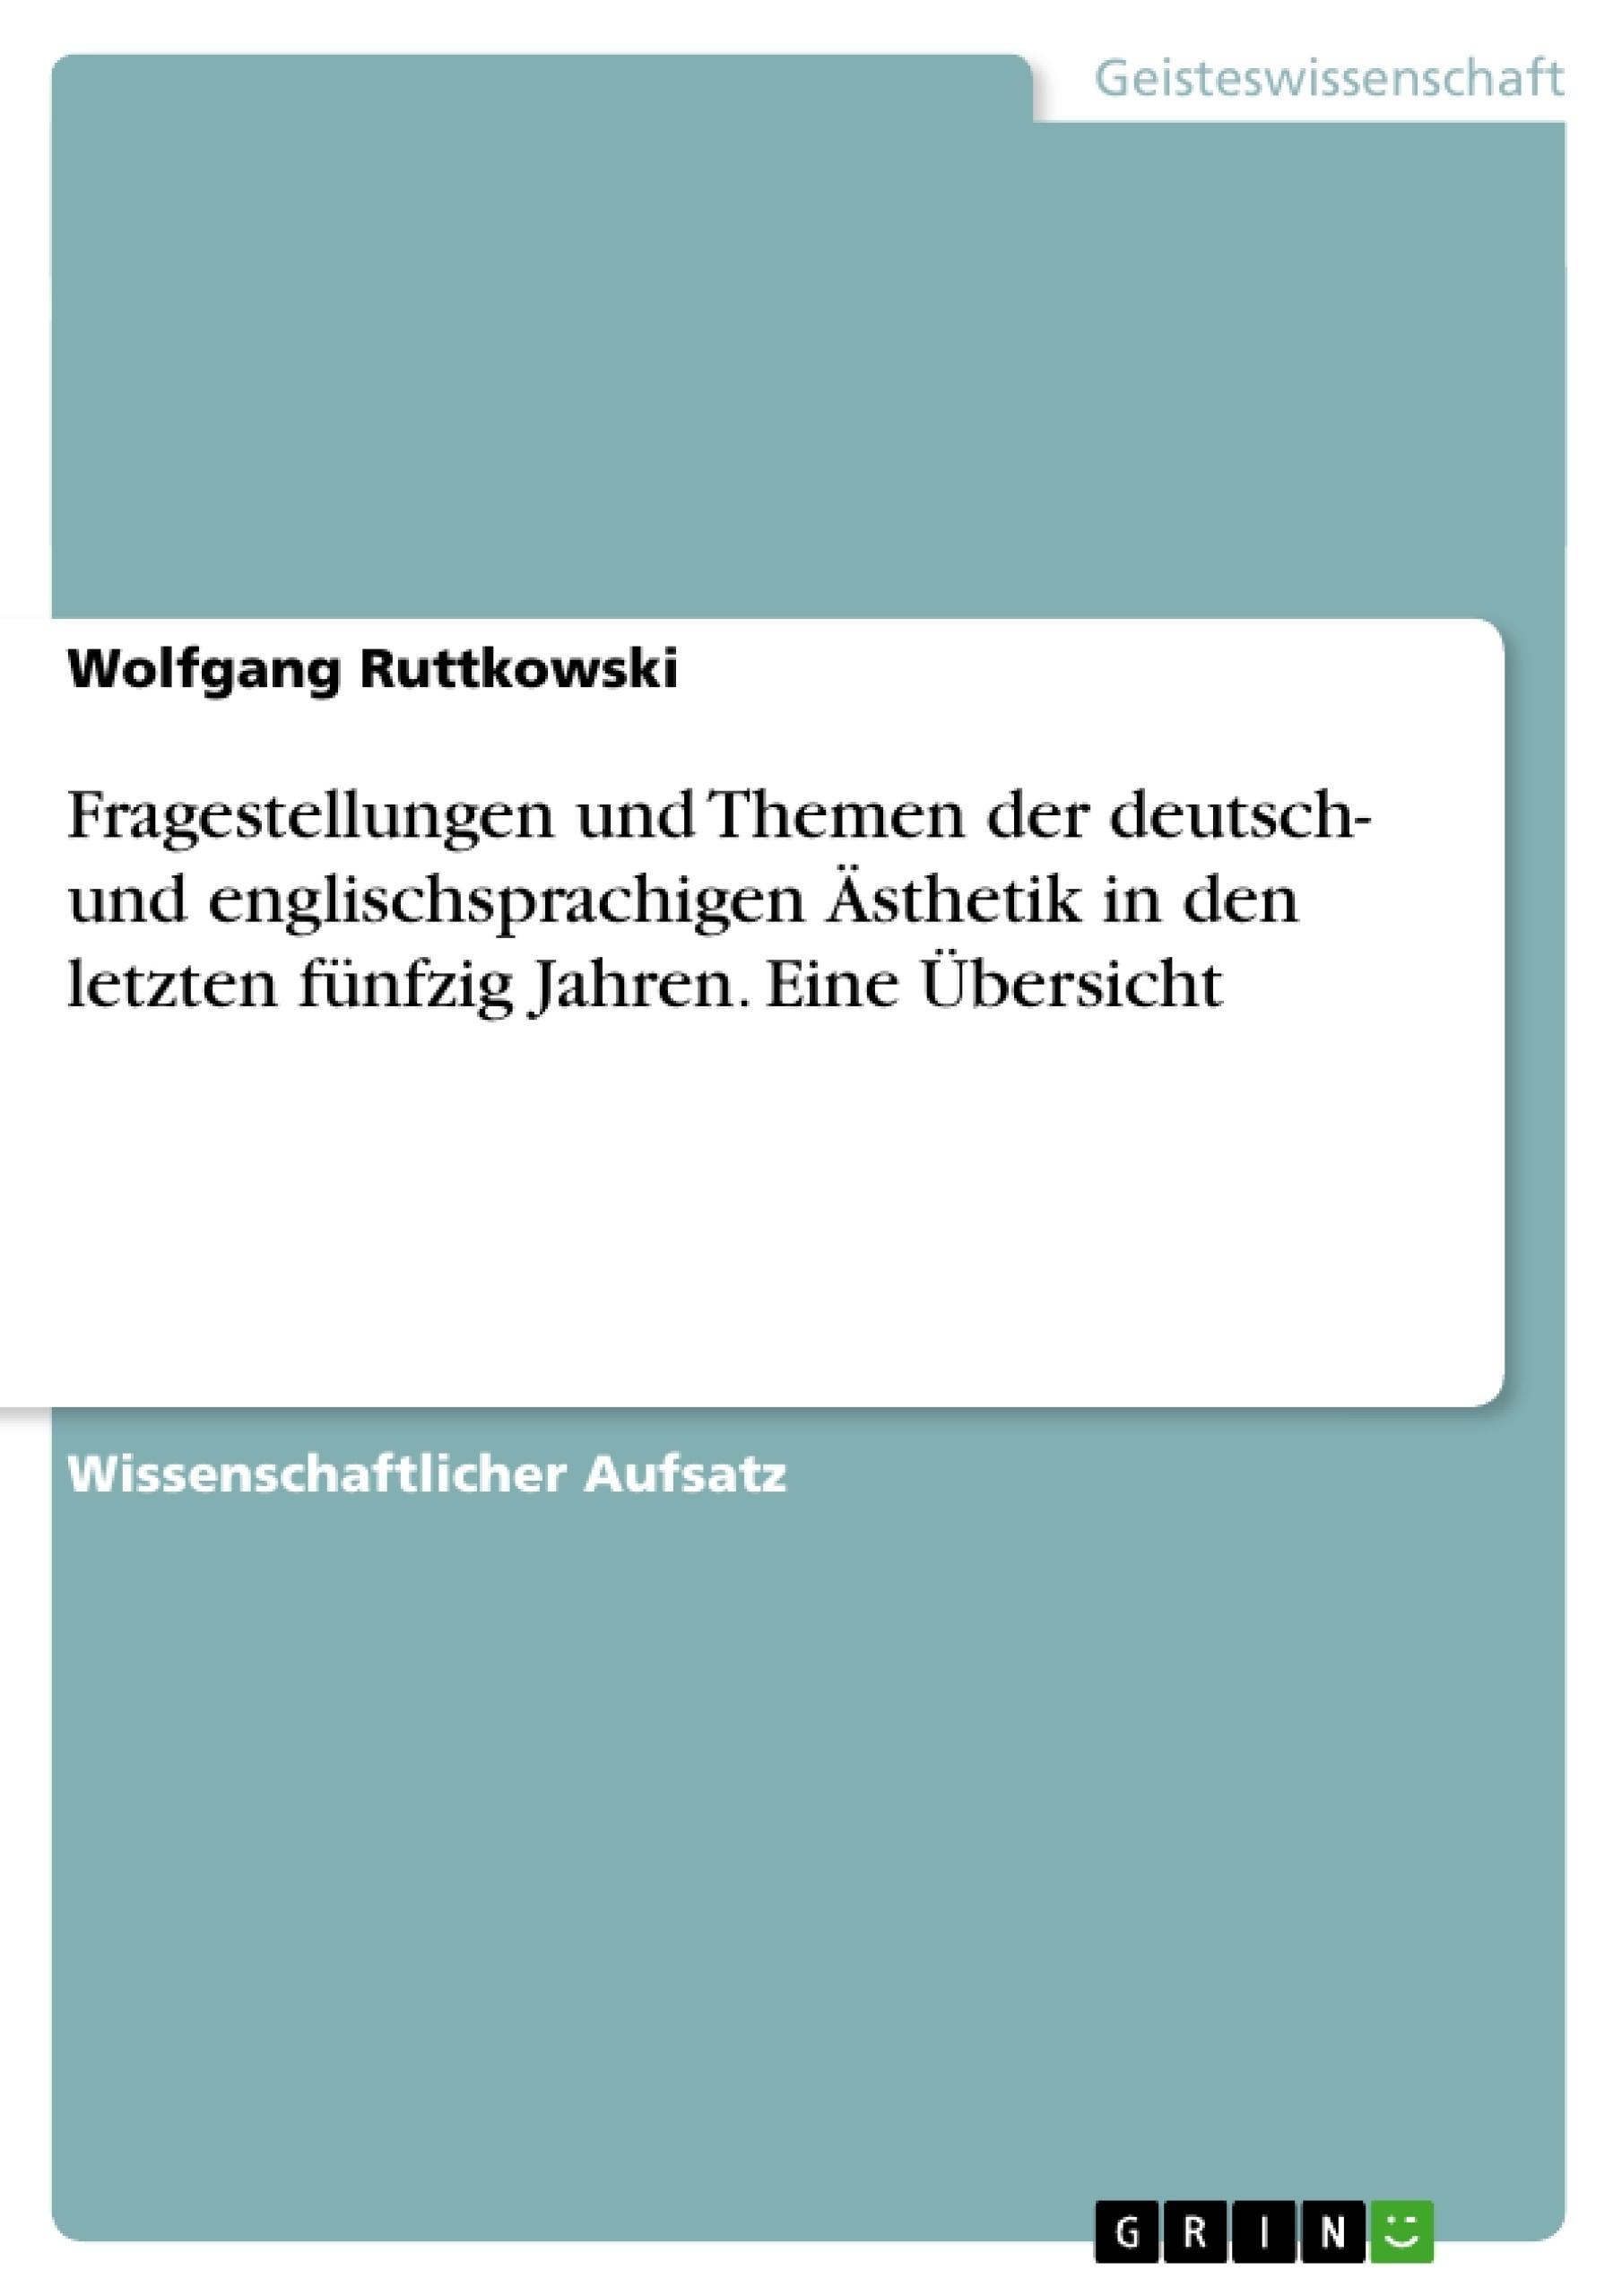 Titel: Fragestellungen und Themen der deutsch- und englischsprachigen Ästhetik in den letzten fünfzig Jahren. Eine Übersicht